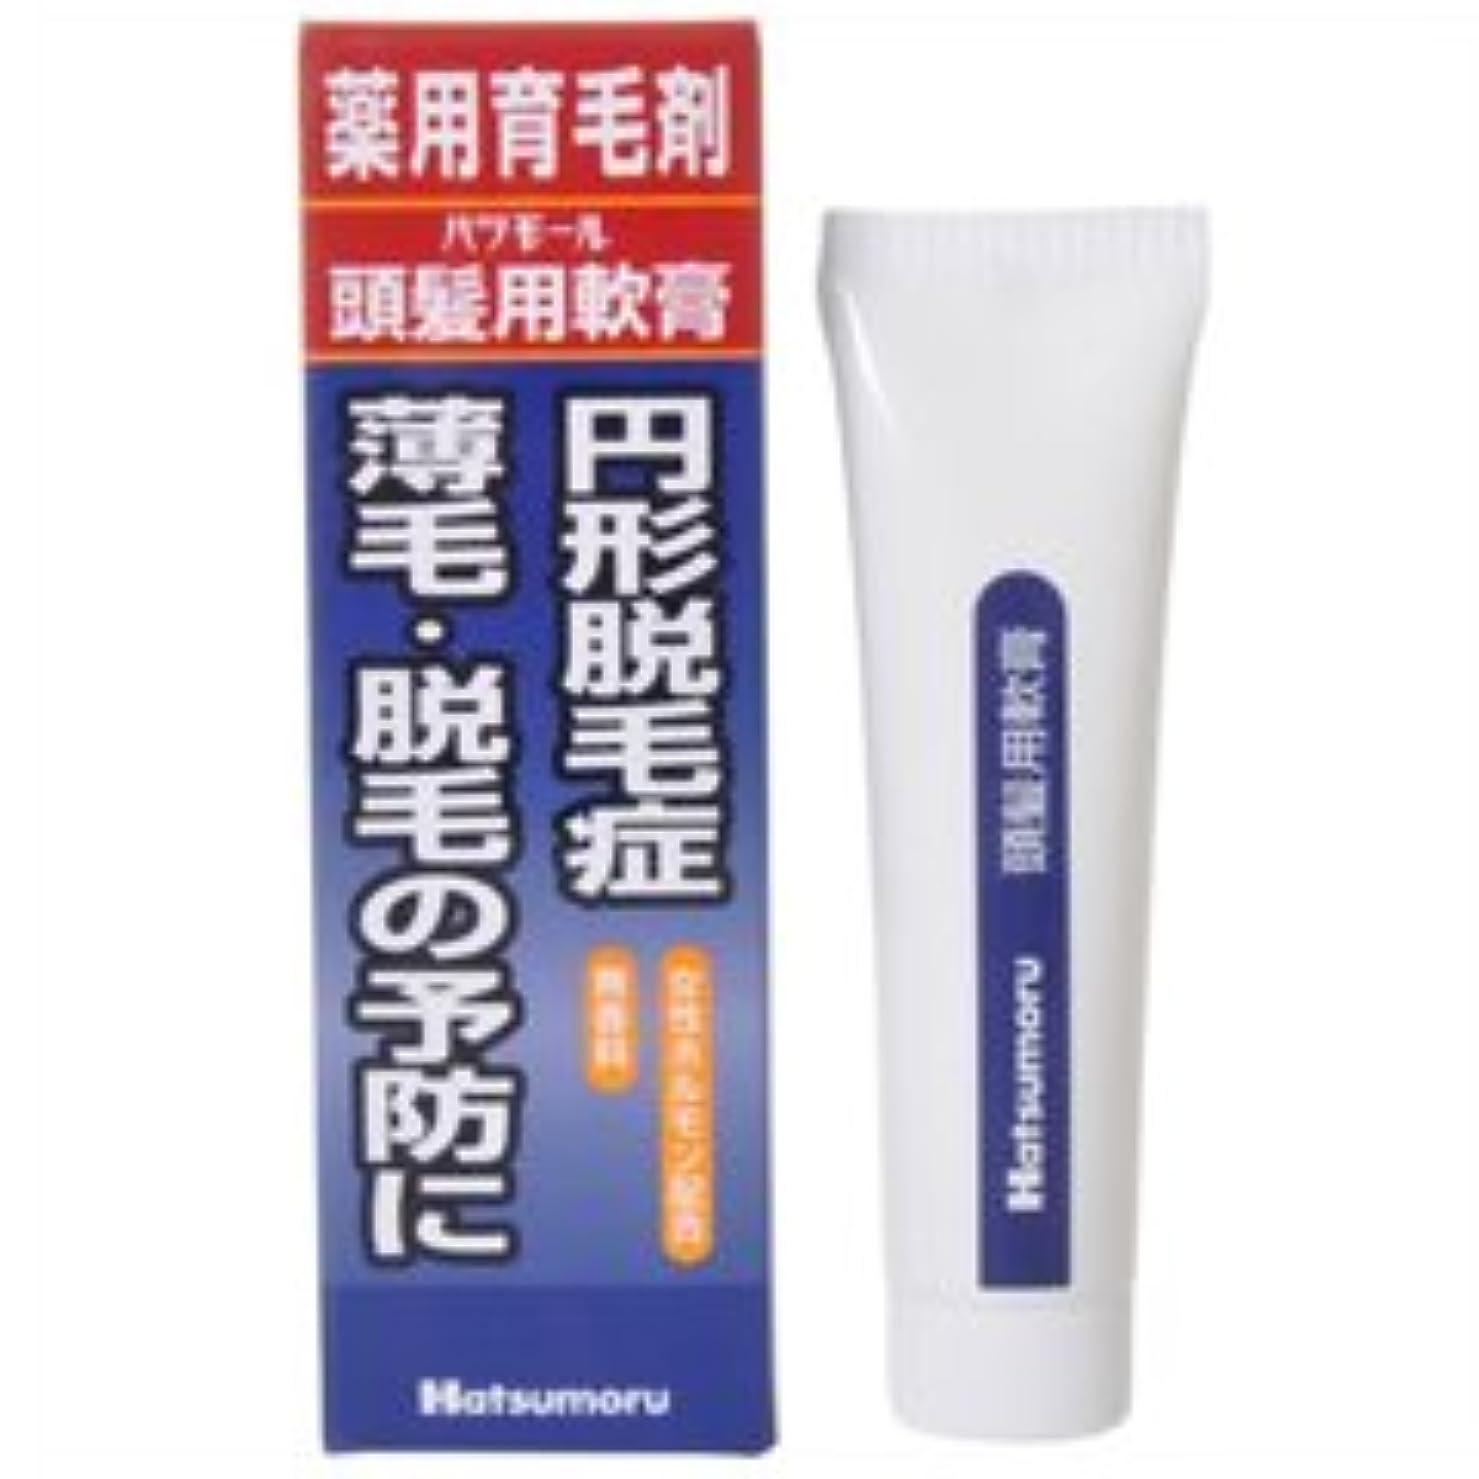 ほめるマンモス疎外する【田村治照堂】ハツモール 頭髪用軟膏 25g